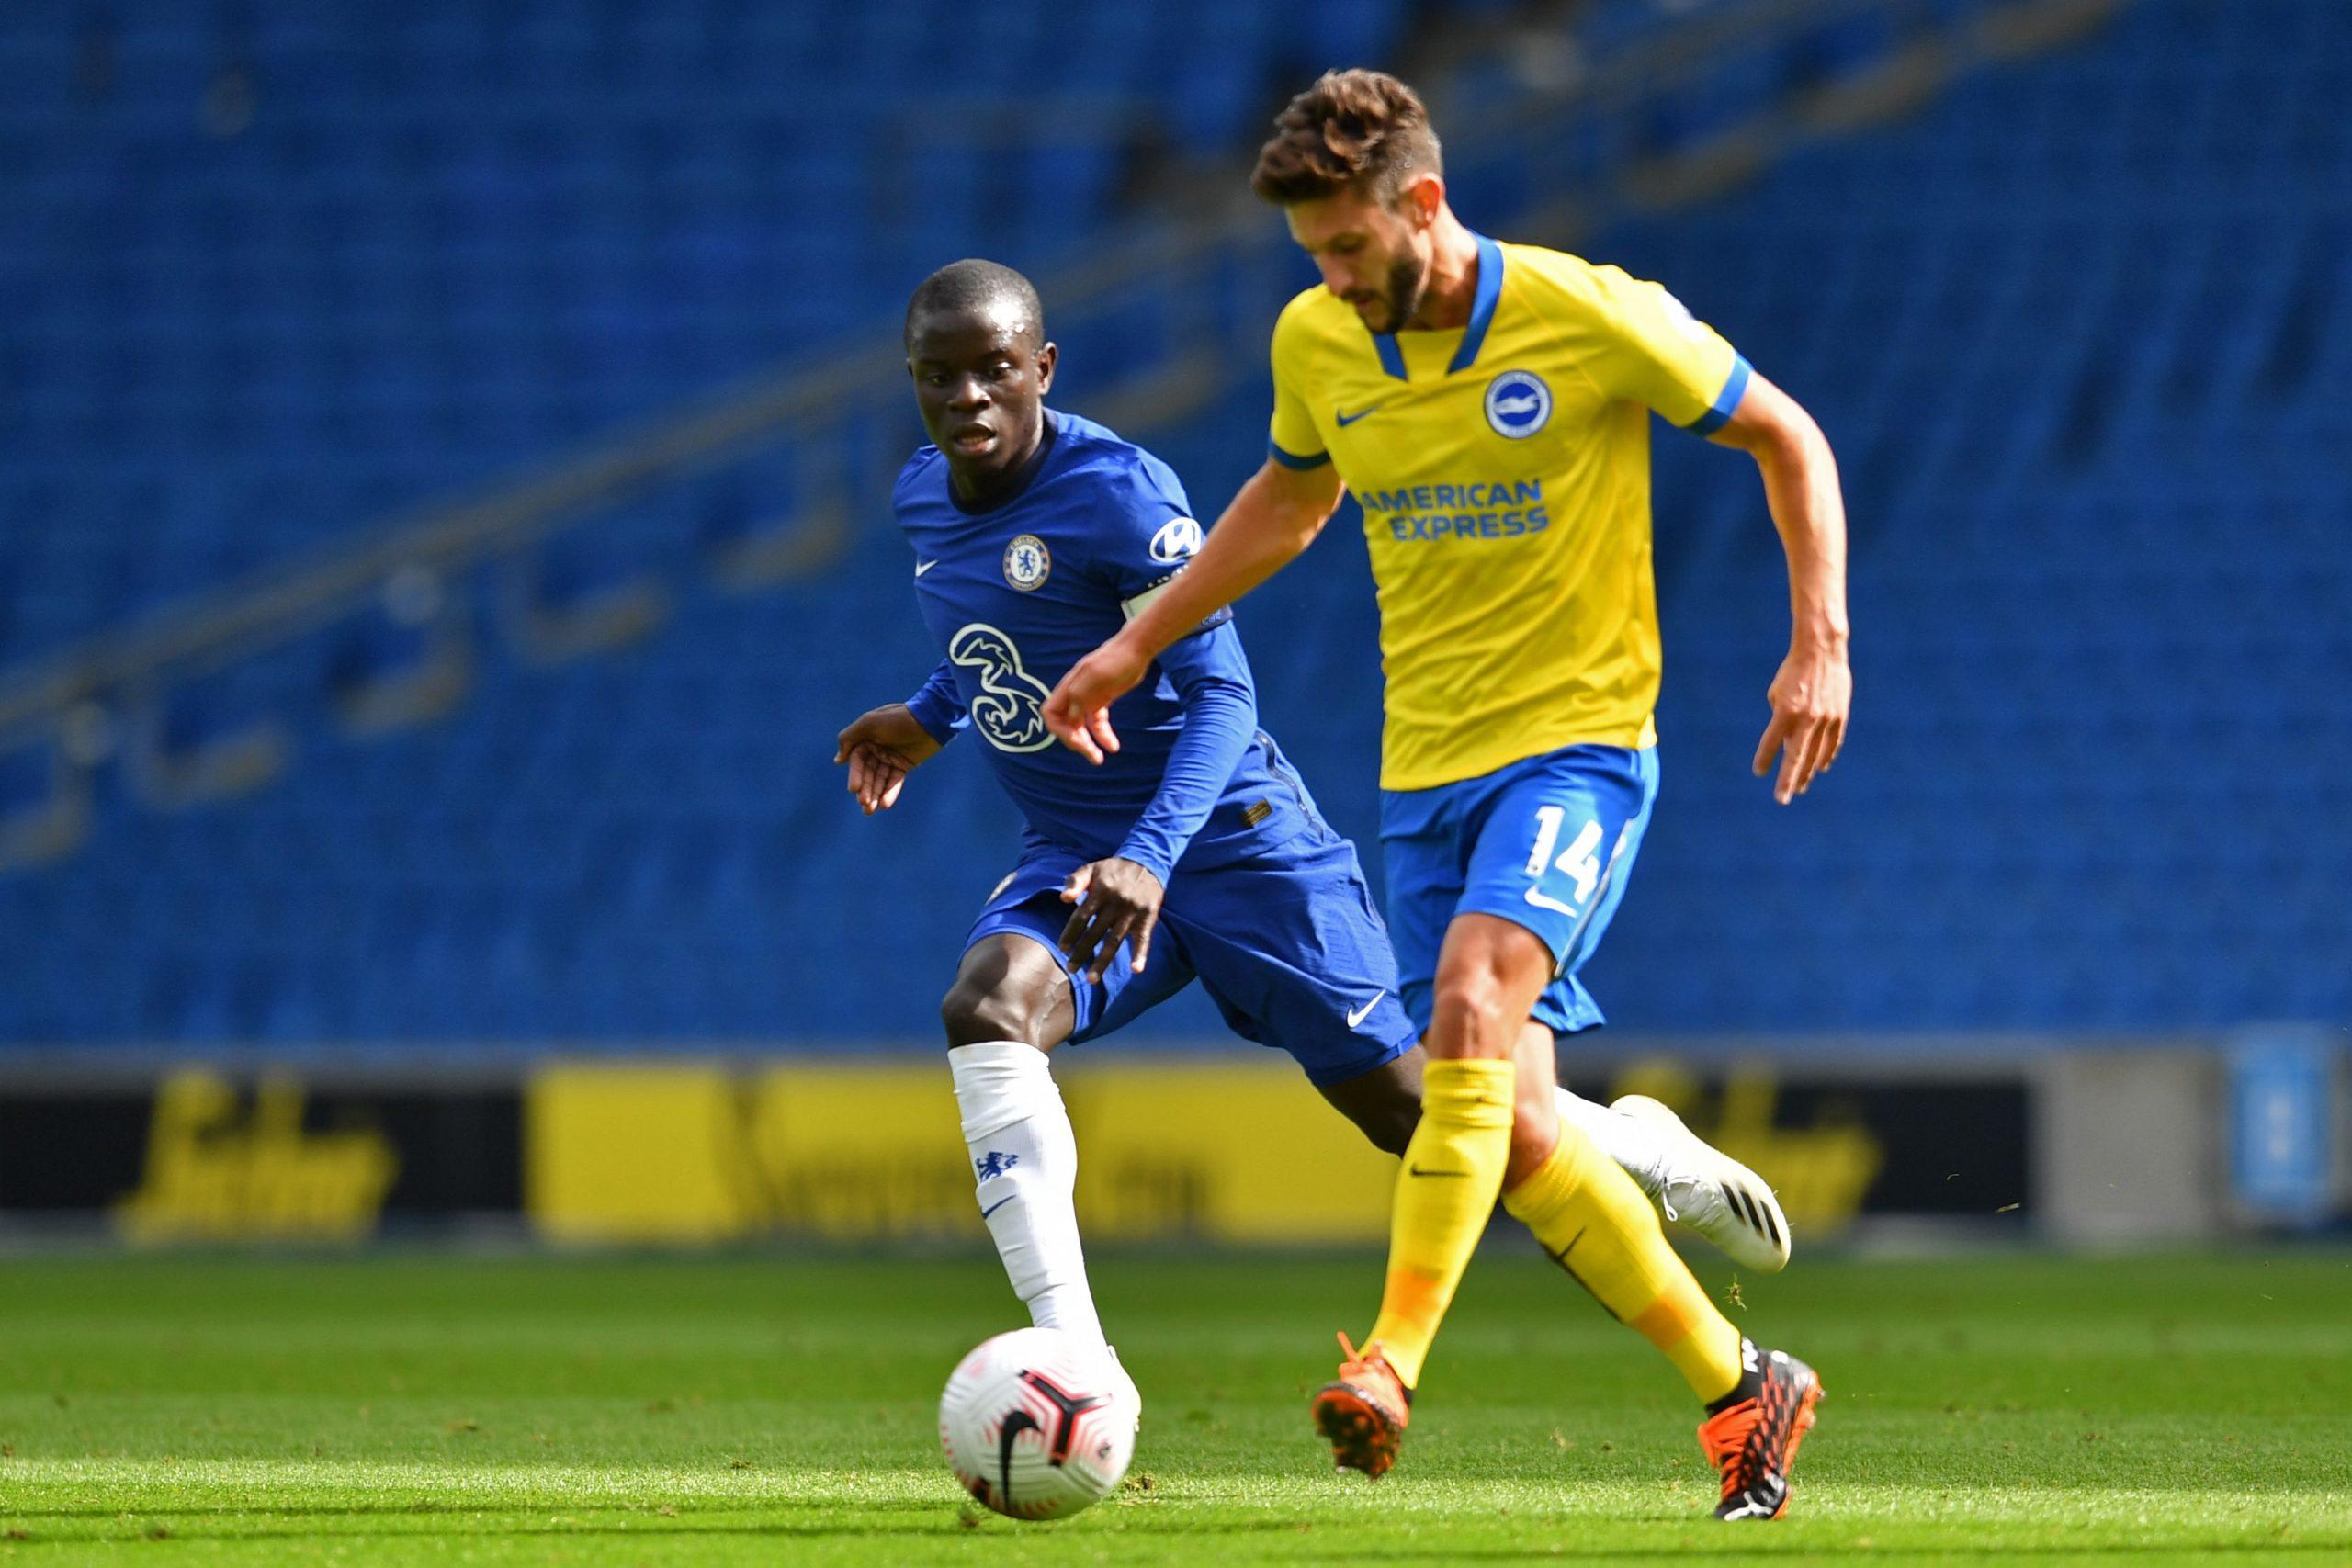 Nhận định Brighton vs Chelsea, 02h15 ngày 15/9, Ngoại hạng Anh